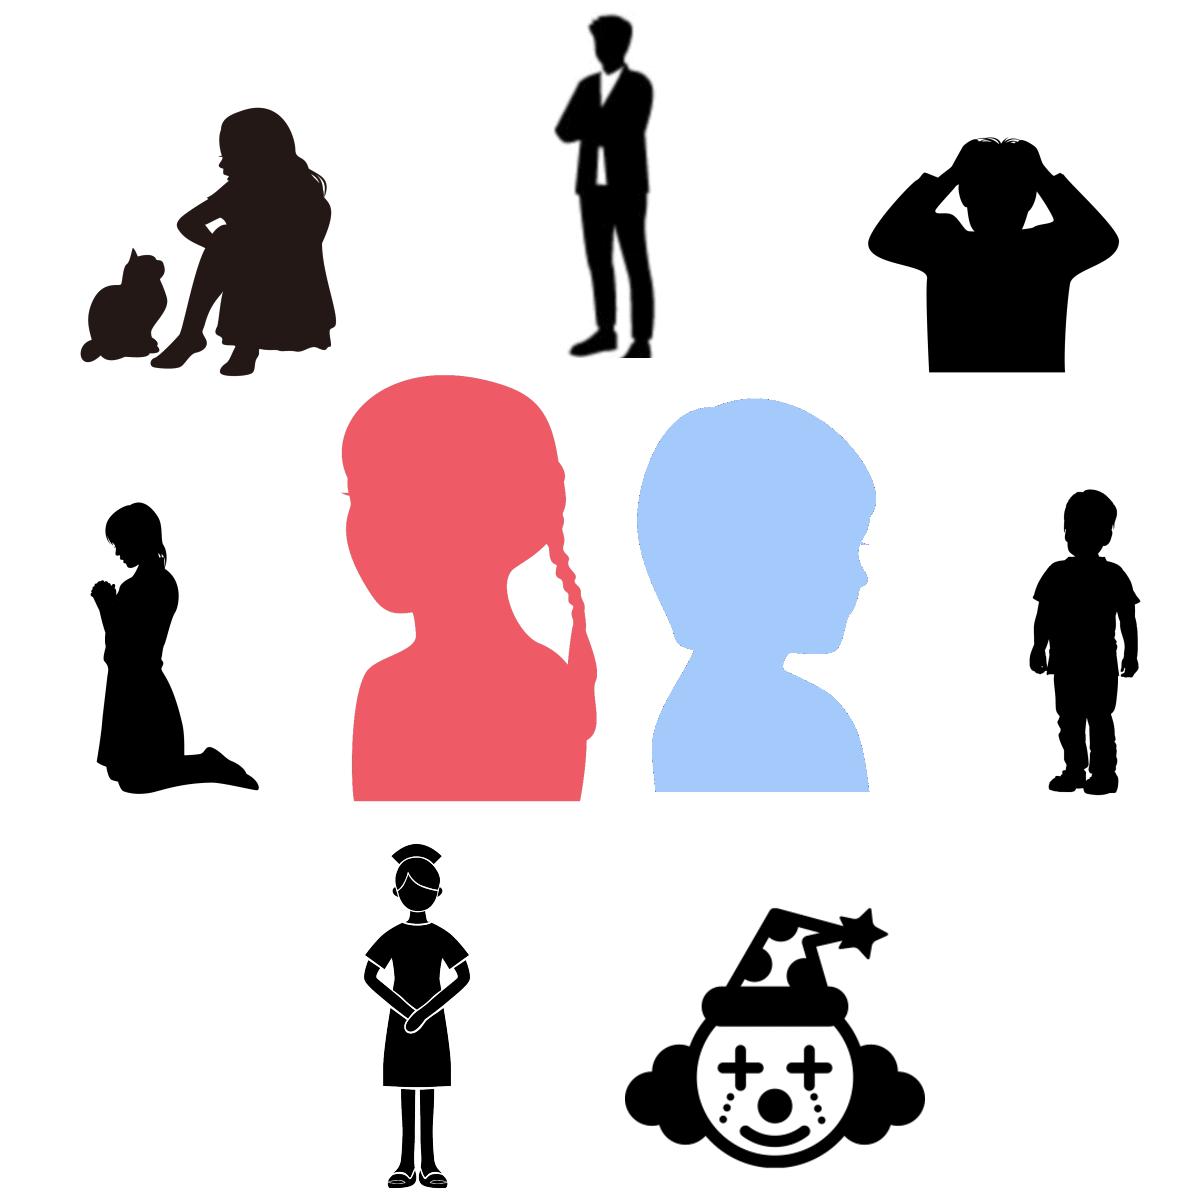 アダルトチルドレンの願いの表れ「7つのアダルトチルドレンタイプ」を表すイラスト